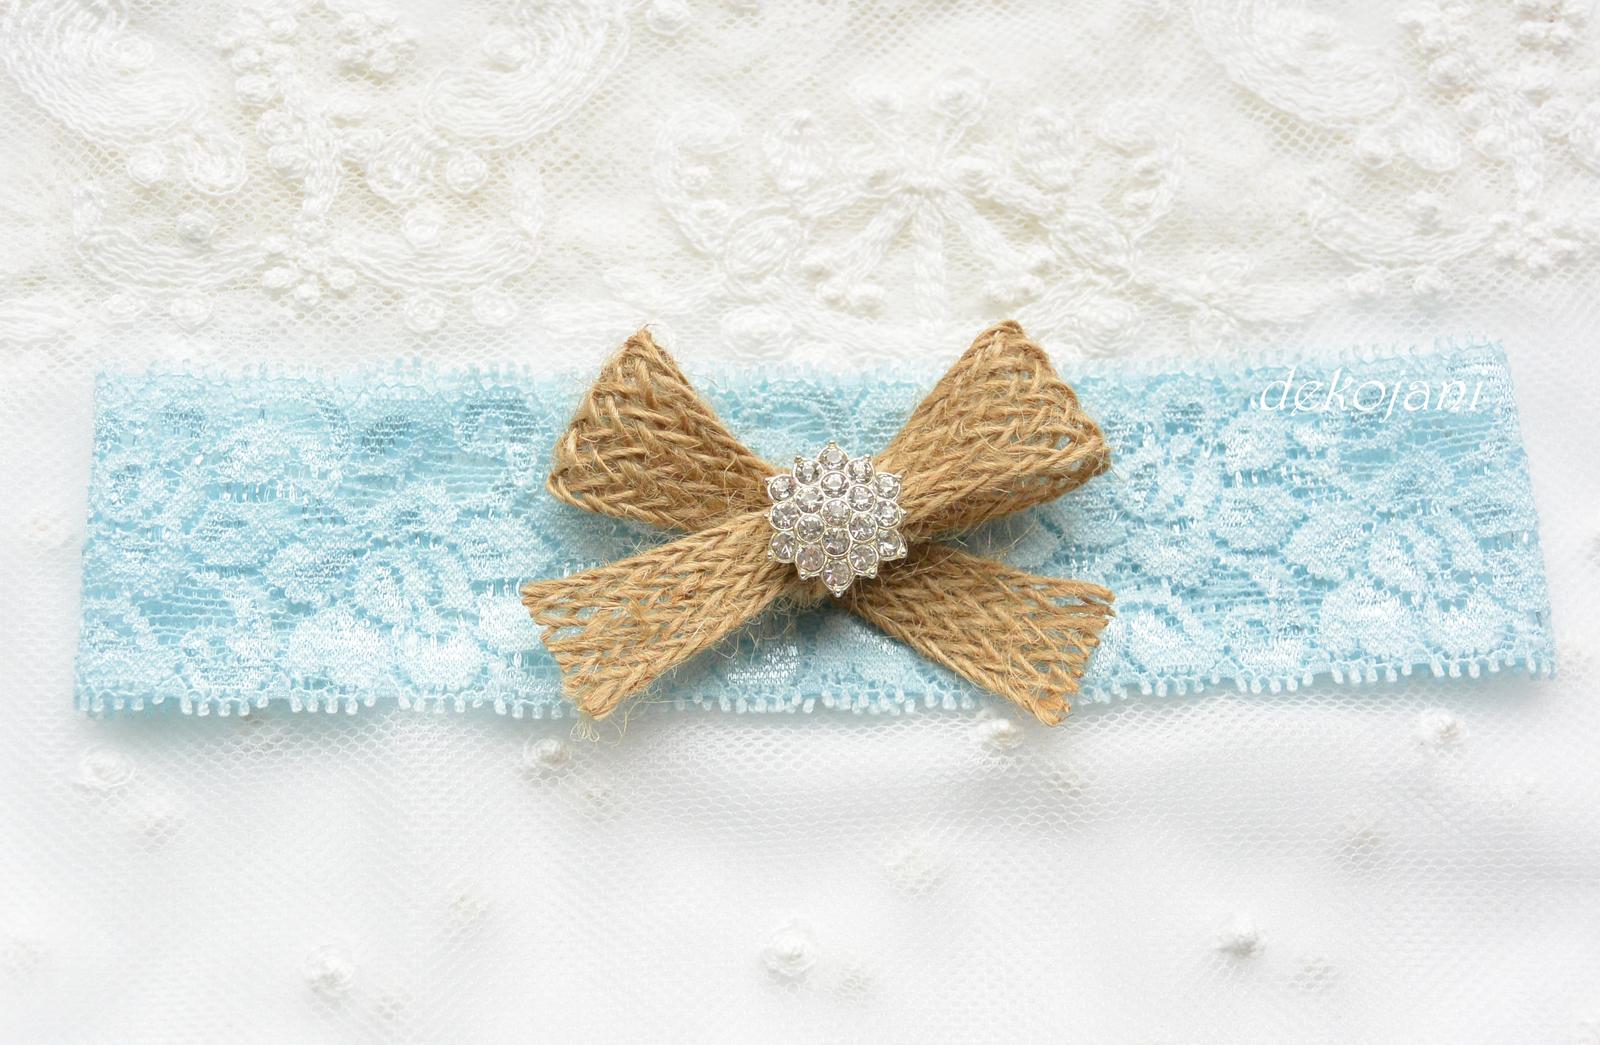 Luxusní svatební doplňky a dekorace. - Obrázek č. 35